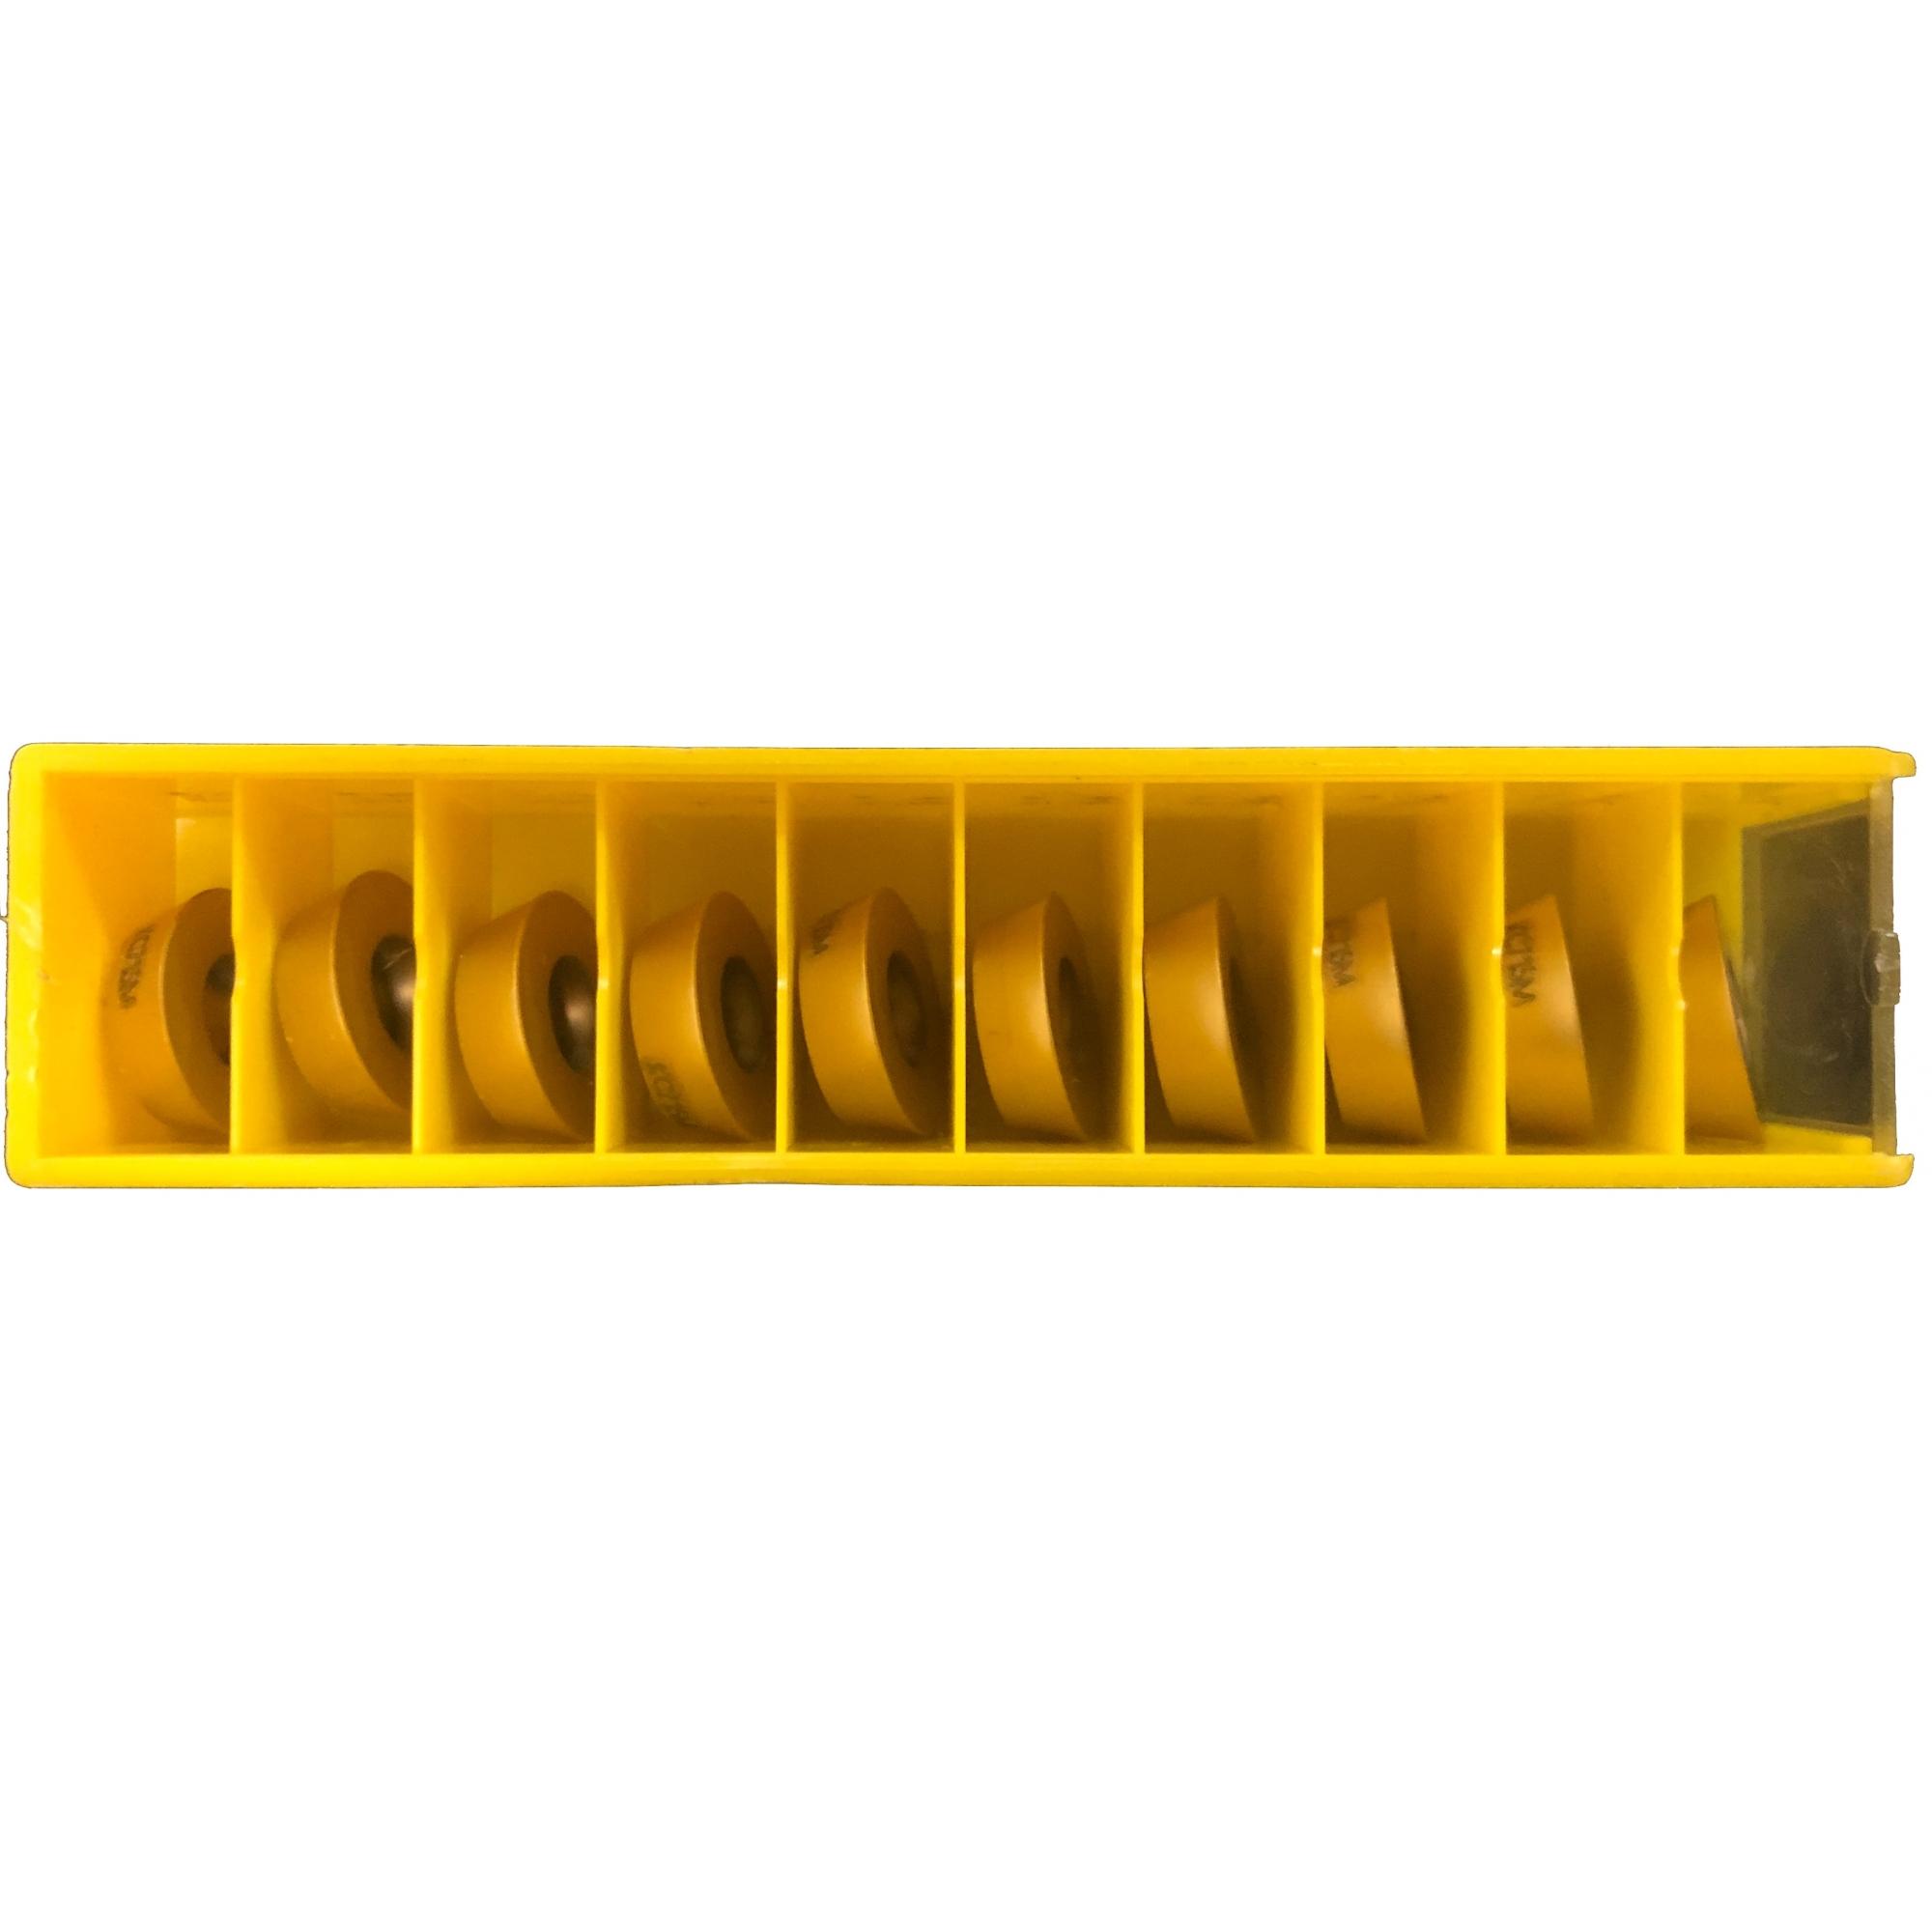 Pastilha redonda intercambiável para fresamento RDPX1604MOSHN KC715M com cobertura